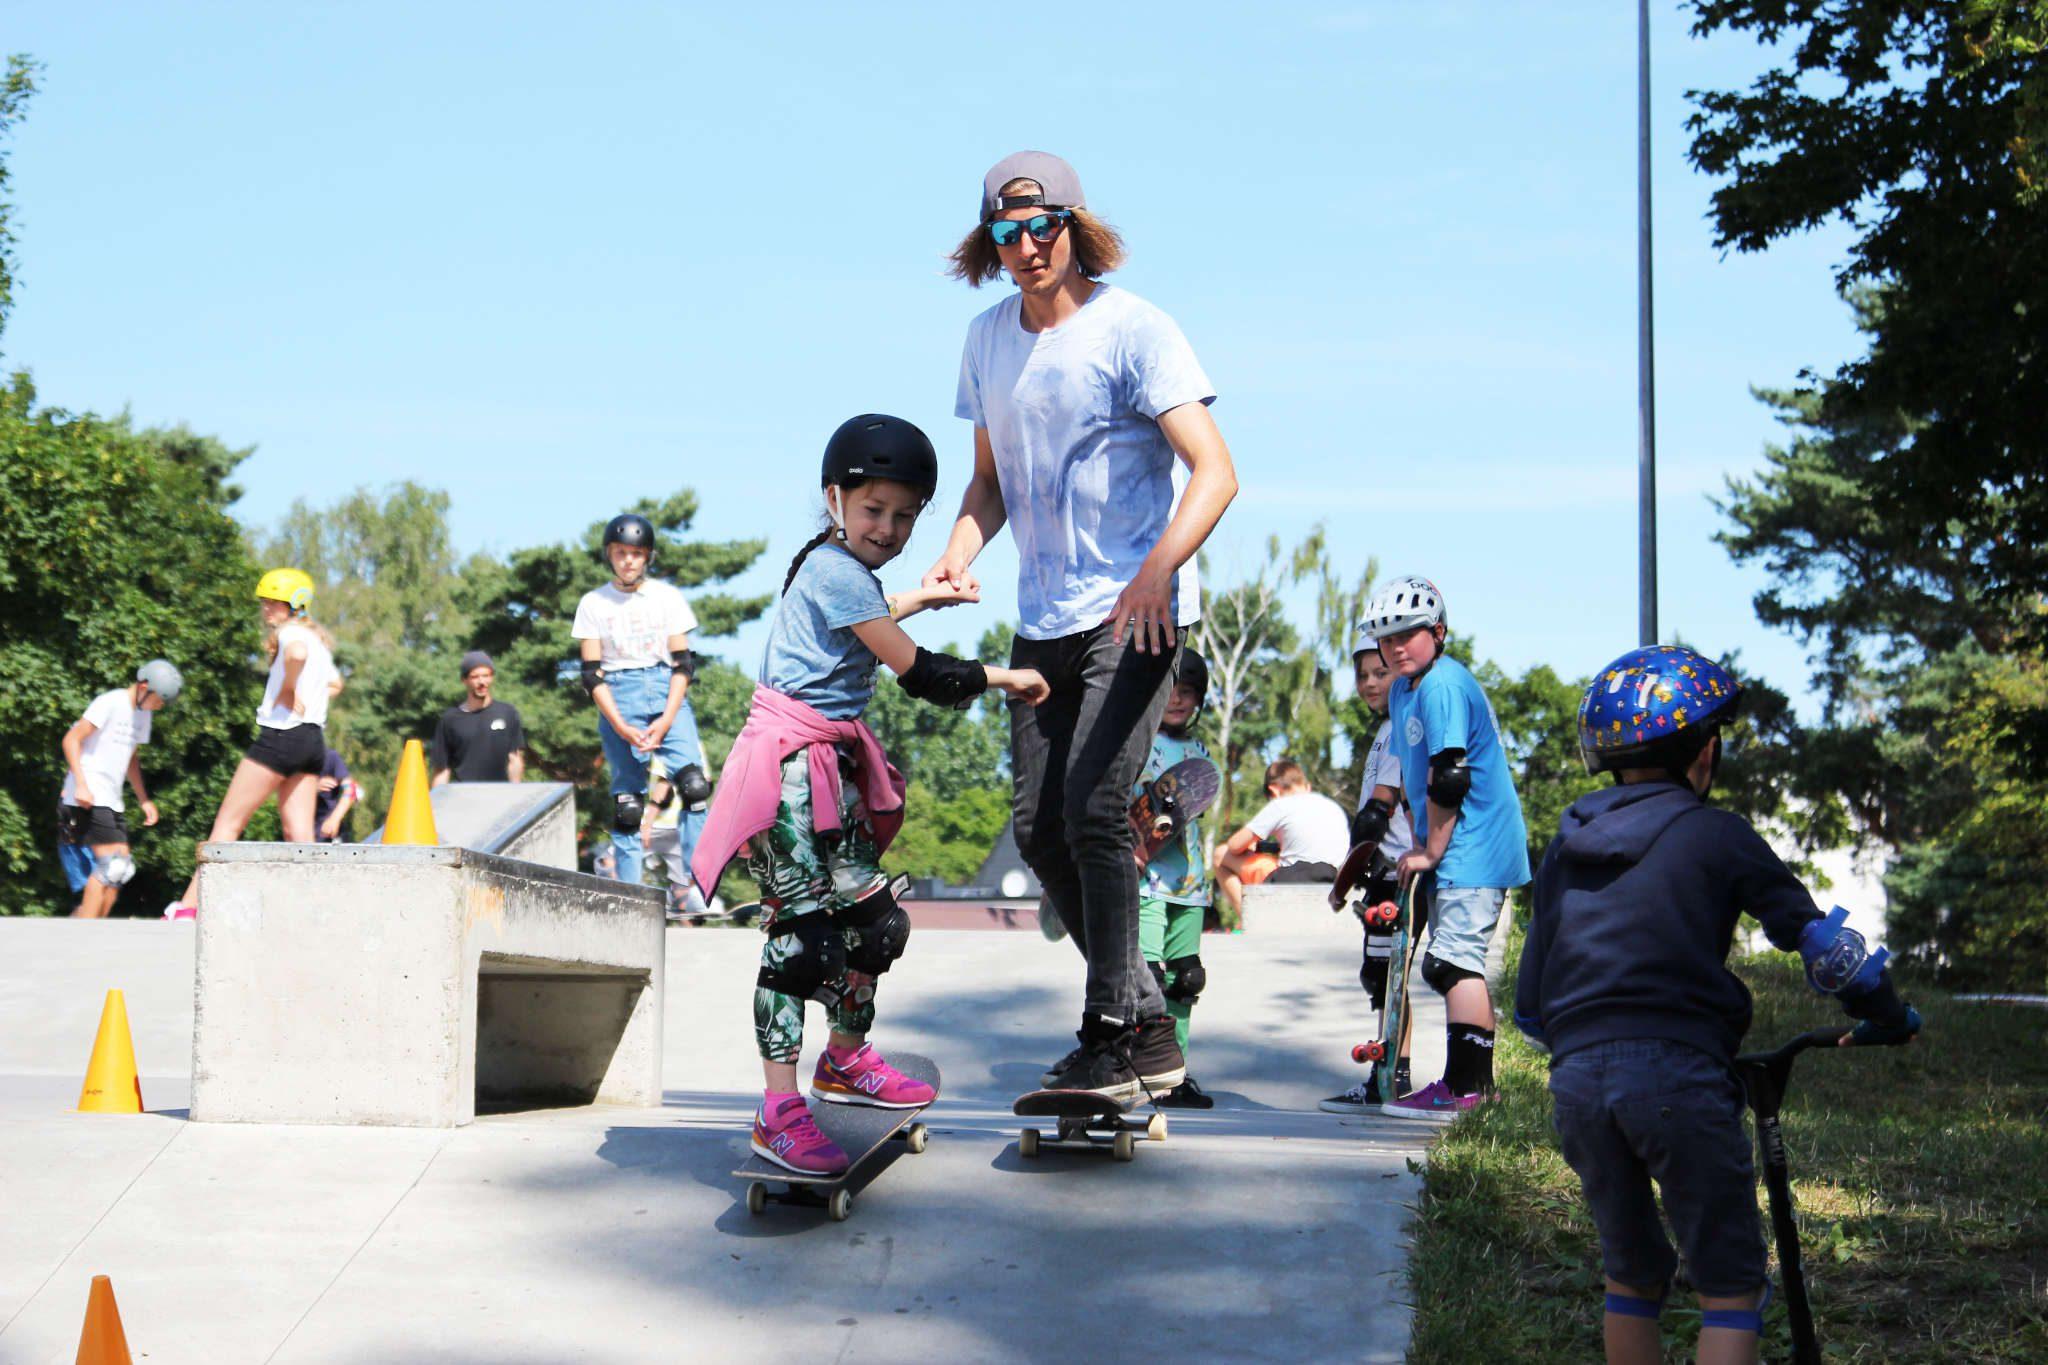 Skate slide 1